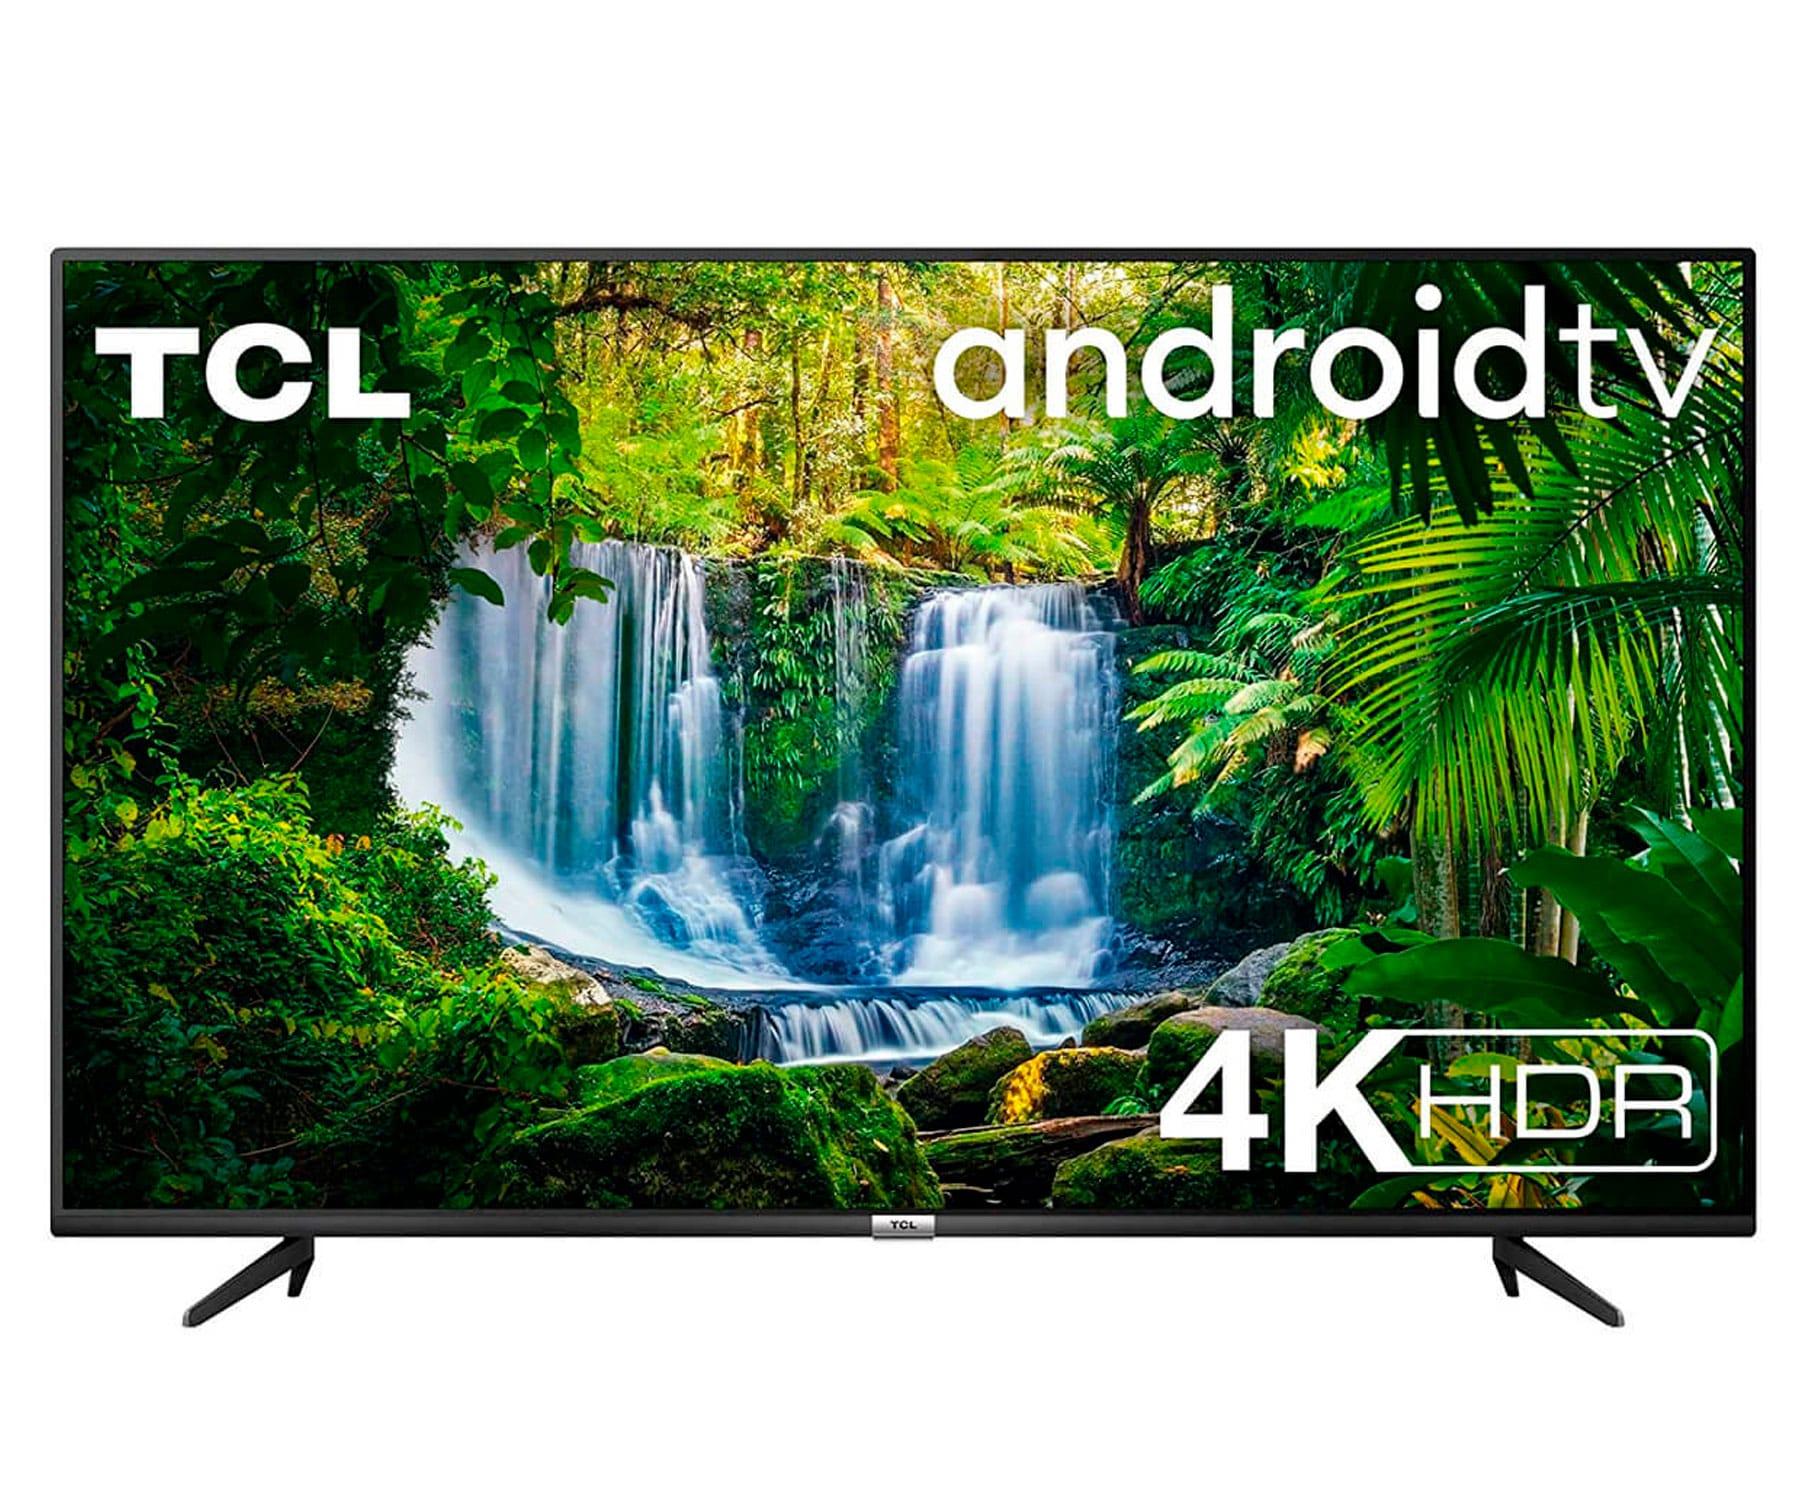 TCL 55P615 TELEVISOR SMART TV 55'' UHD 4K HDR